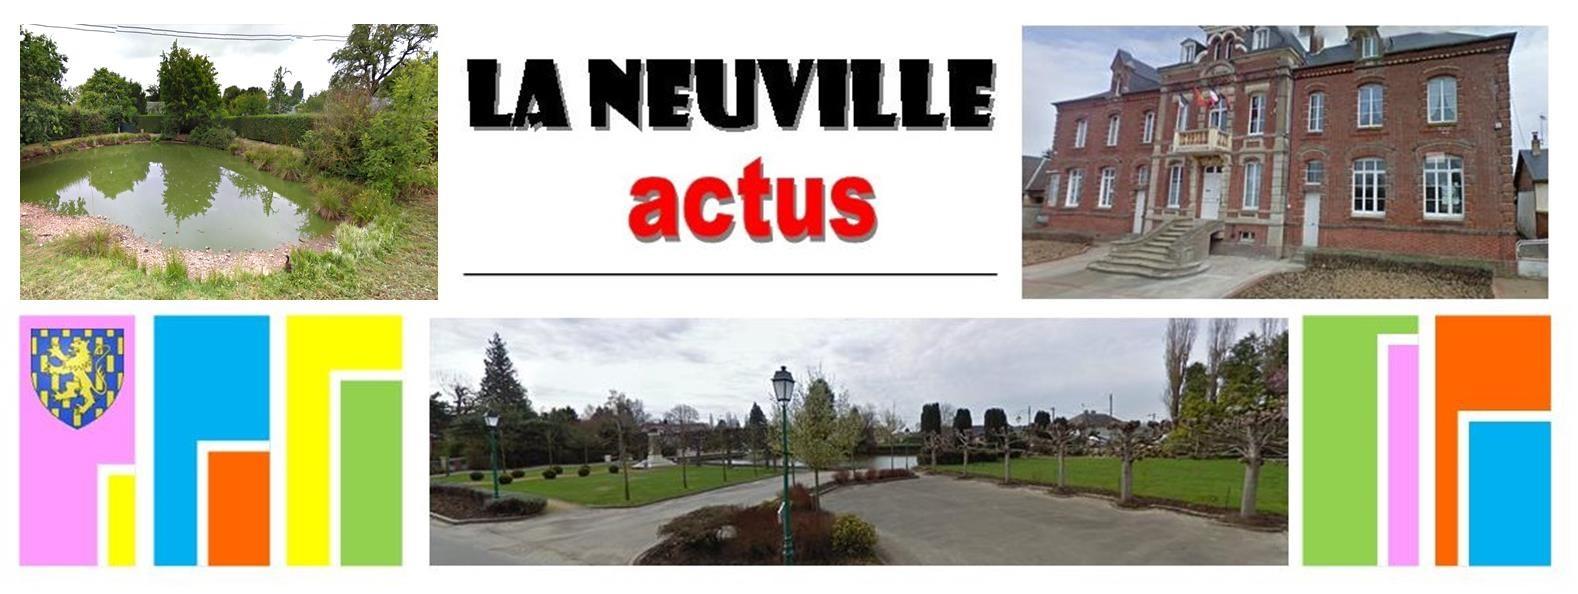 Neuville actus logo